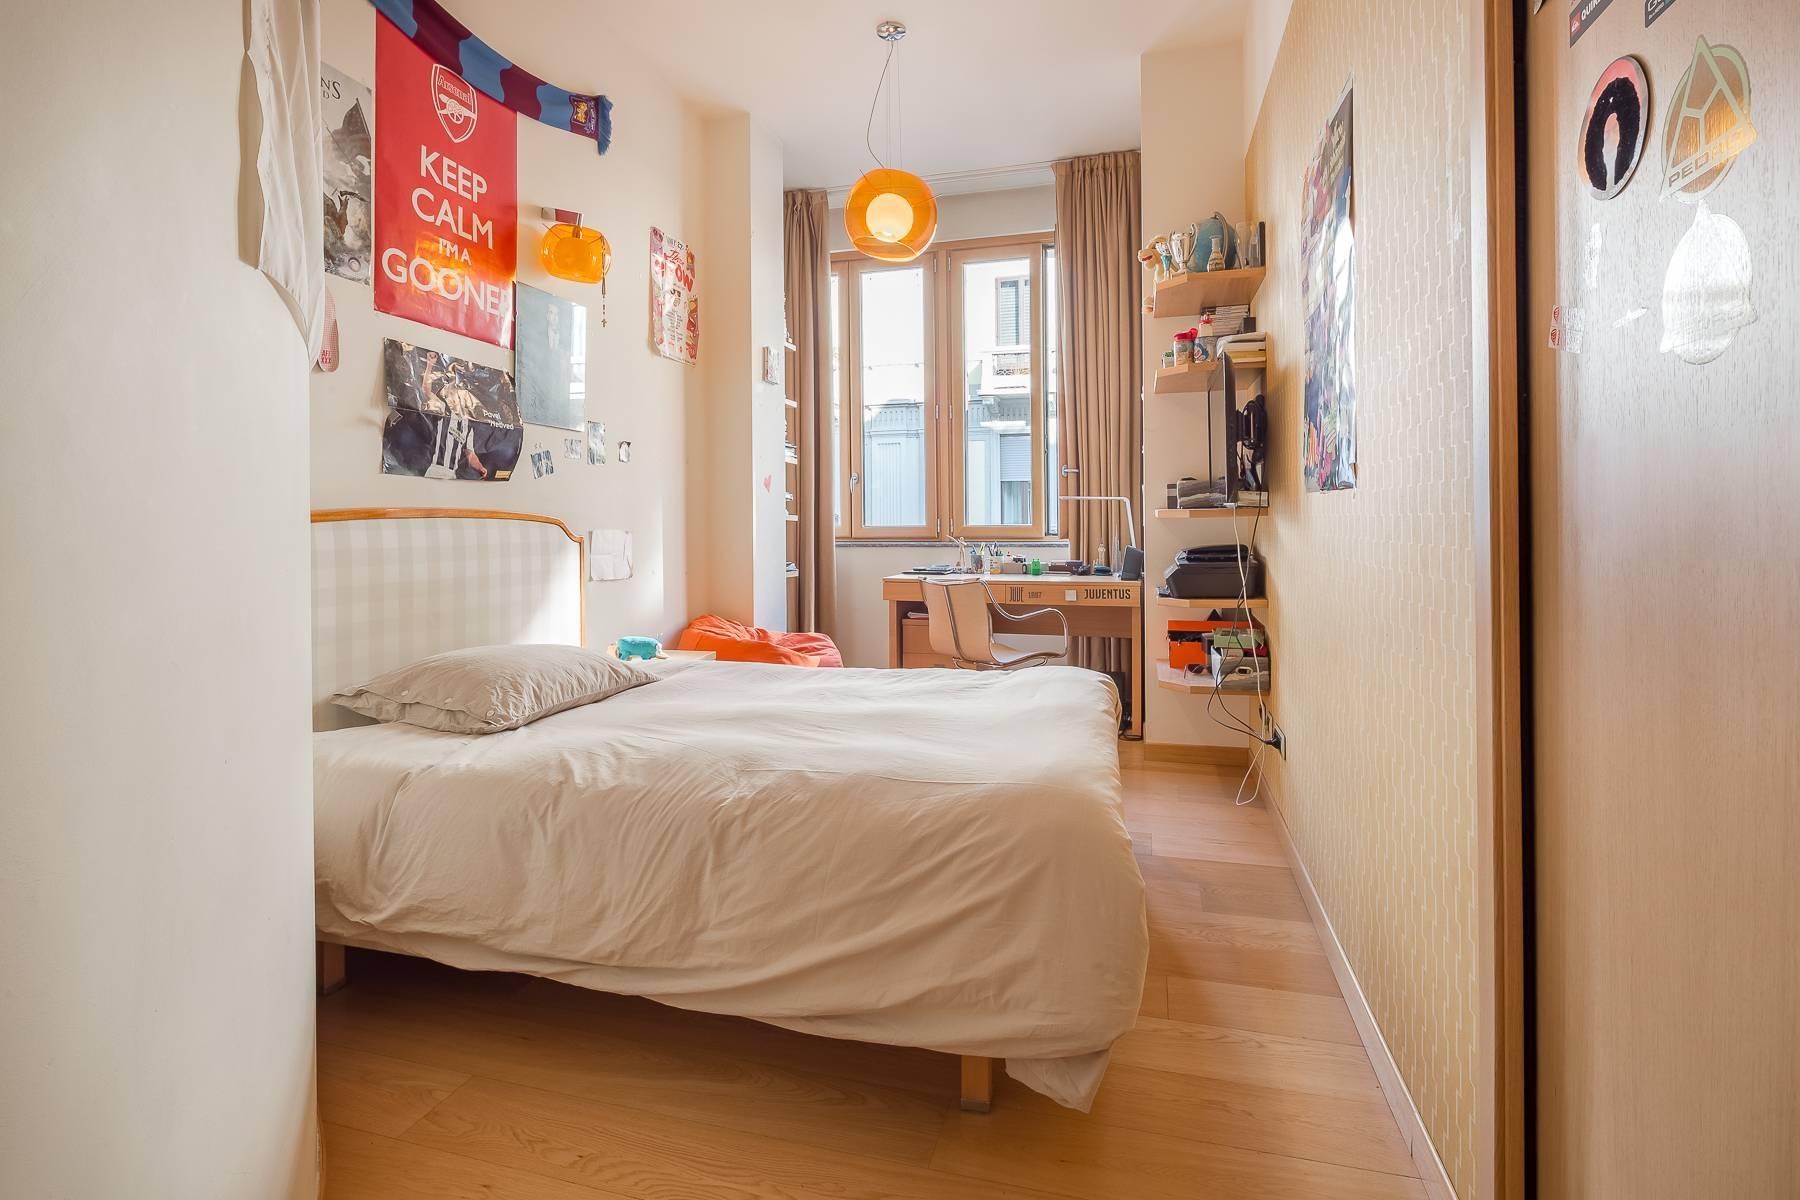 Appartement de style classique situé Via Besana - 19